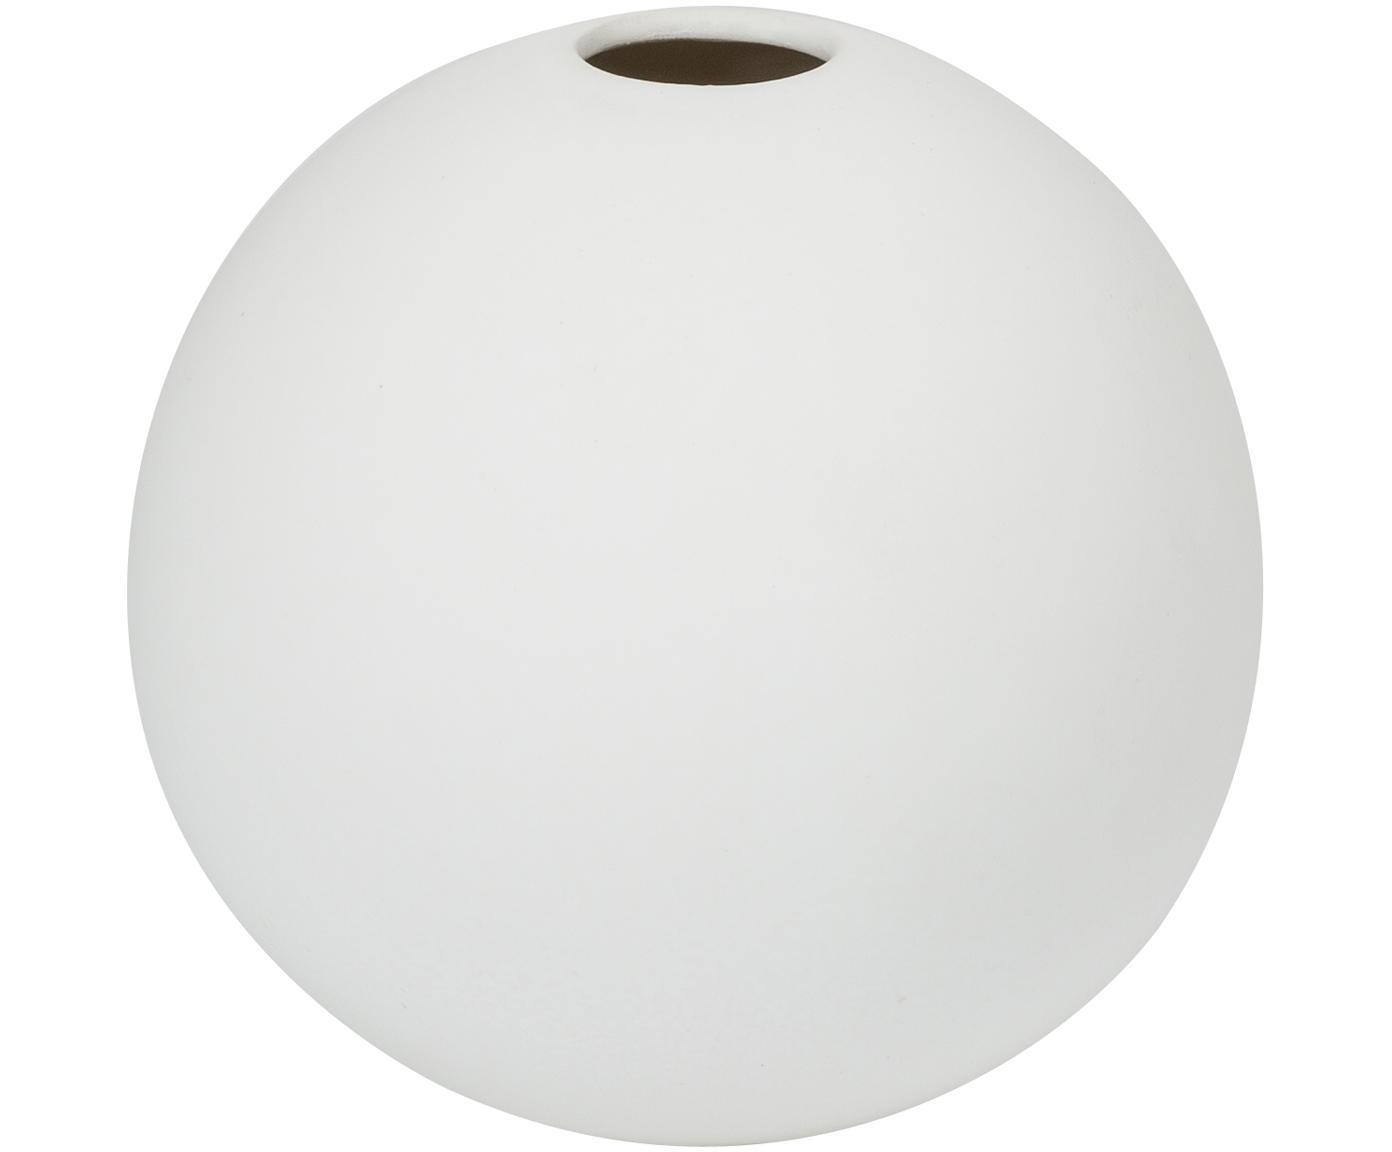 Jarrón artesanal Ball, Cerámica, Blanco, Ø 8 x Al 8 cm